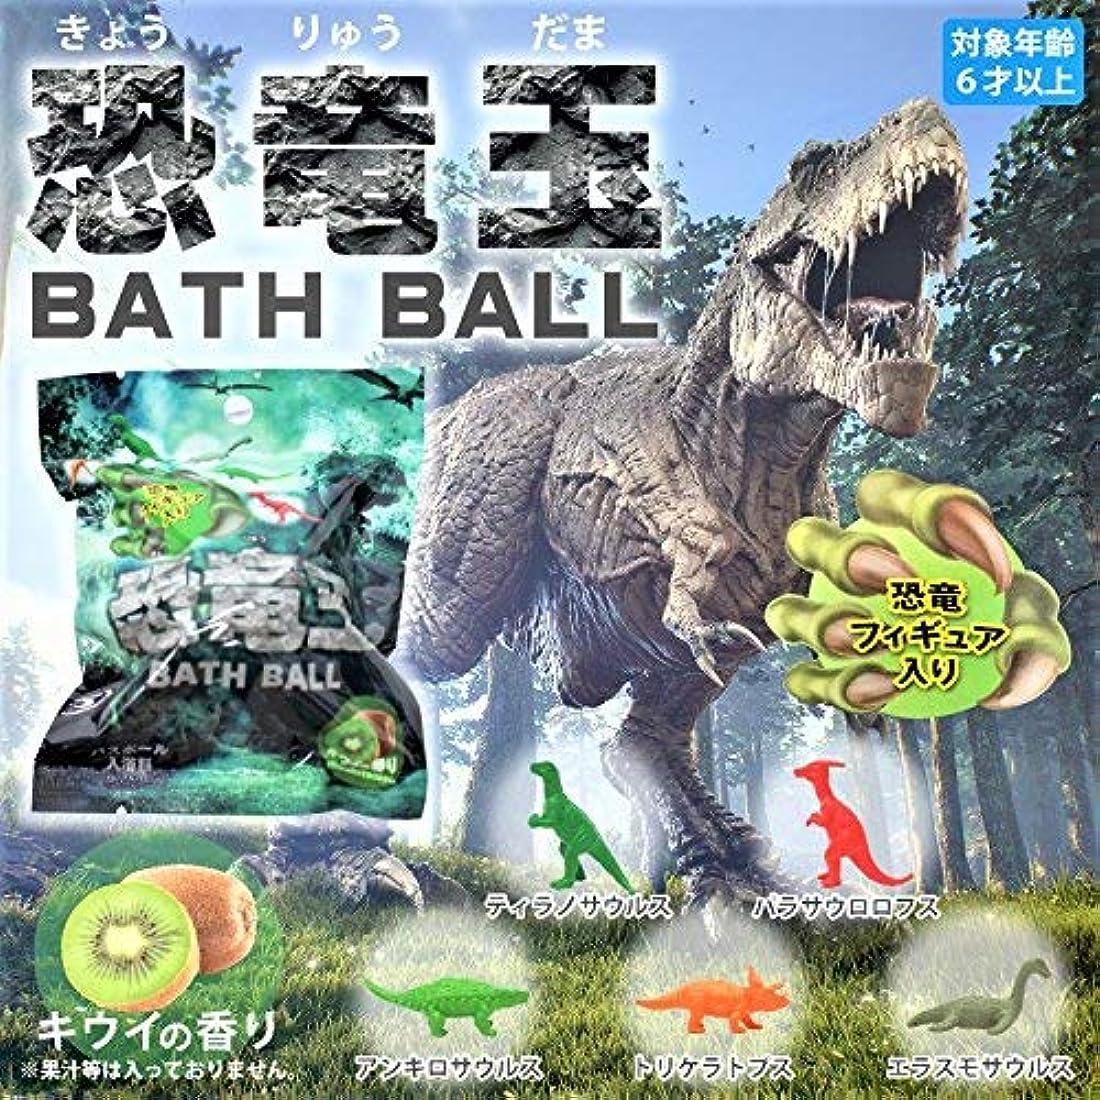 間中に近所の恐竜玉バスボール 24個1セット キウイの香り 恐竜フィギュア入りバスボール 入浴剤